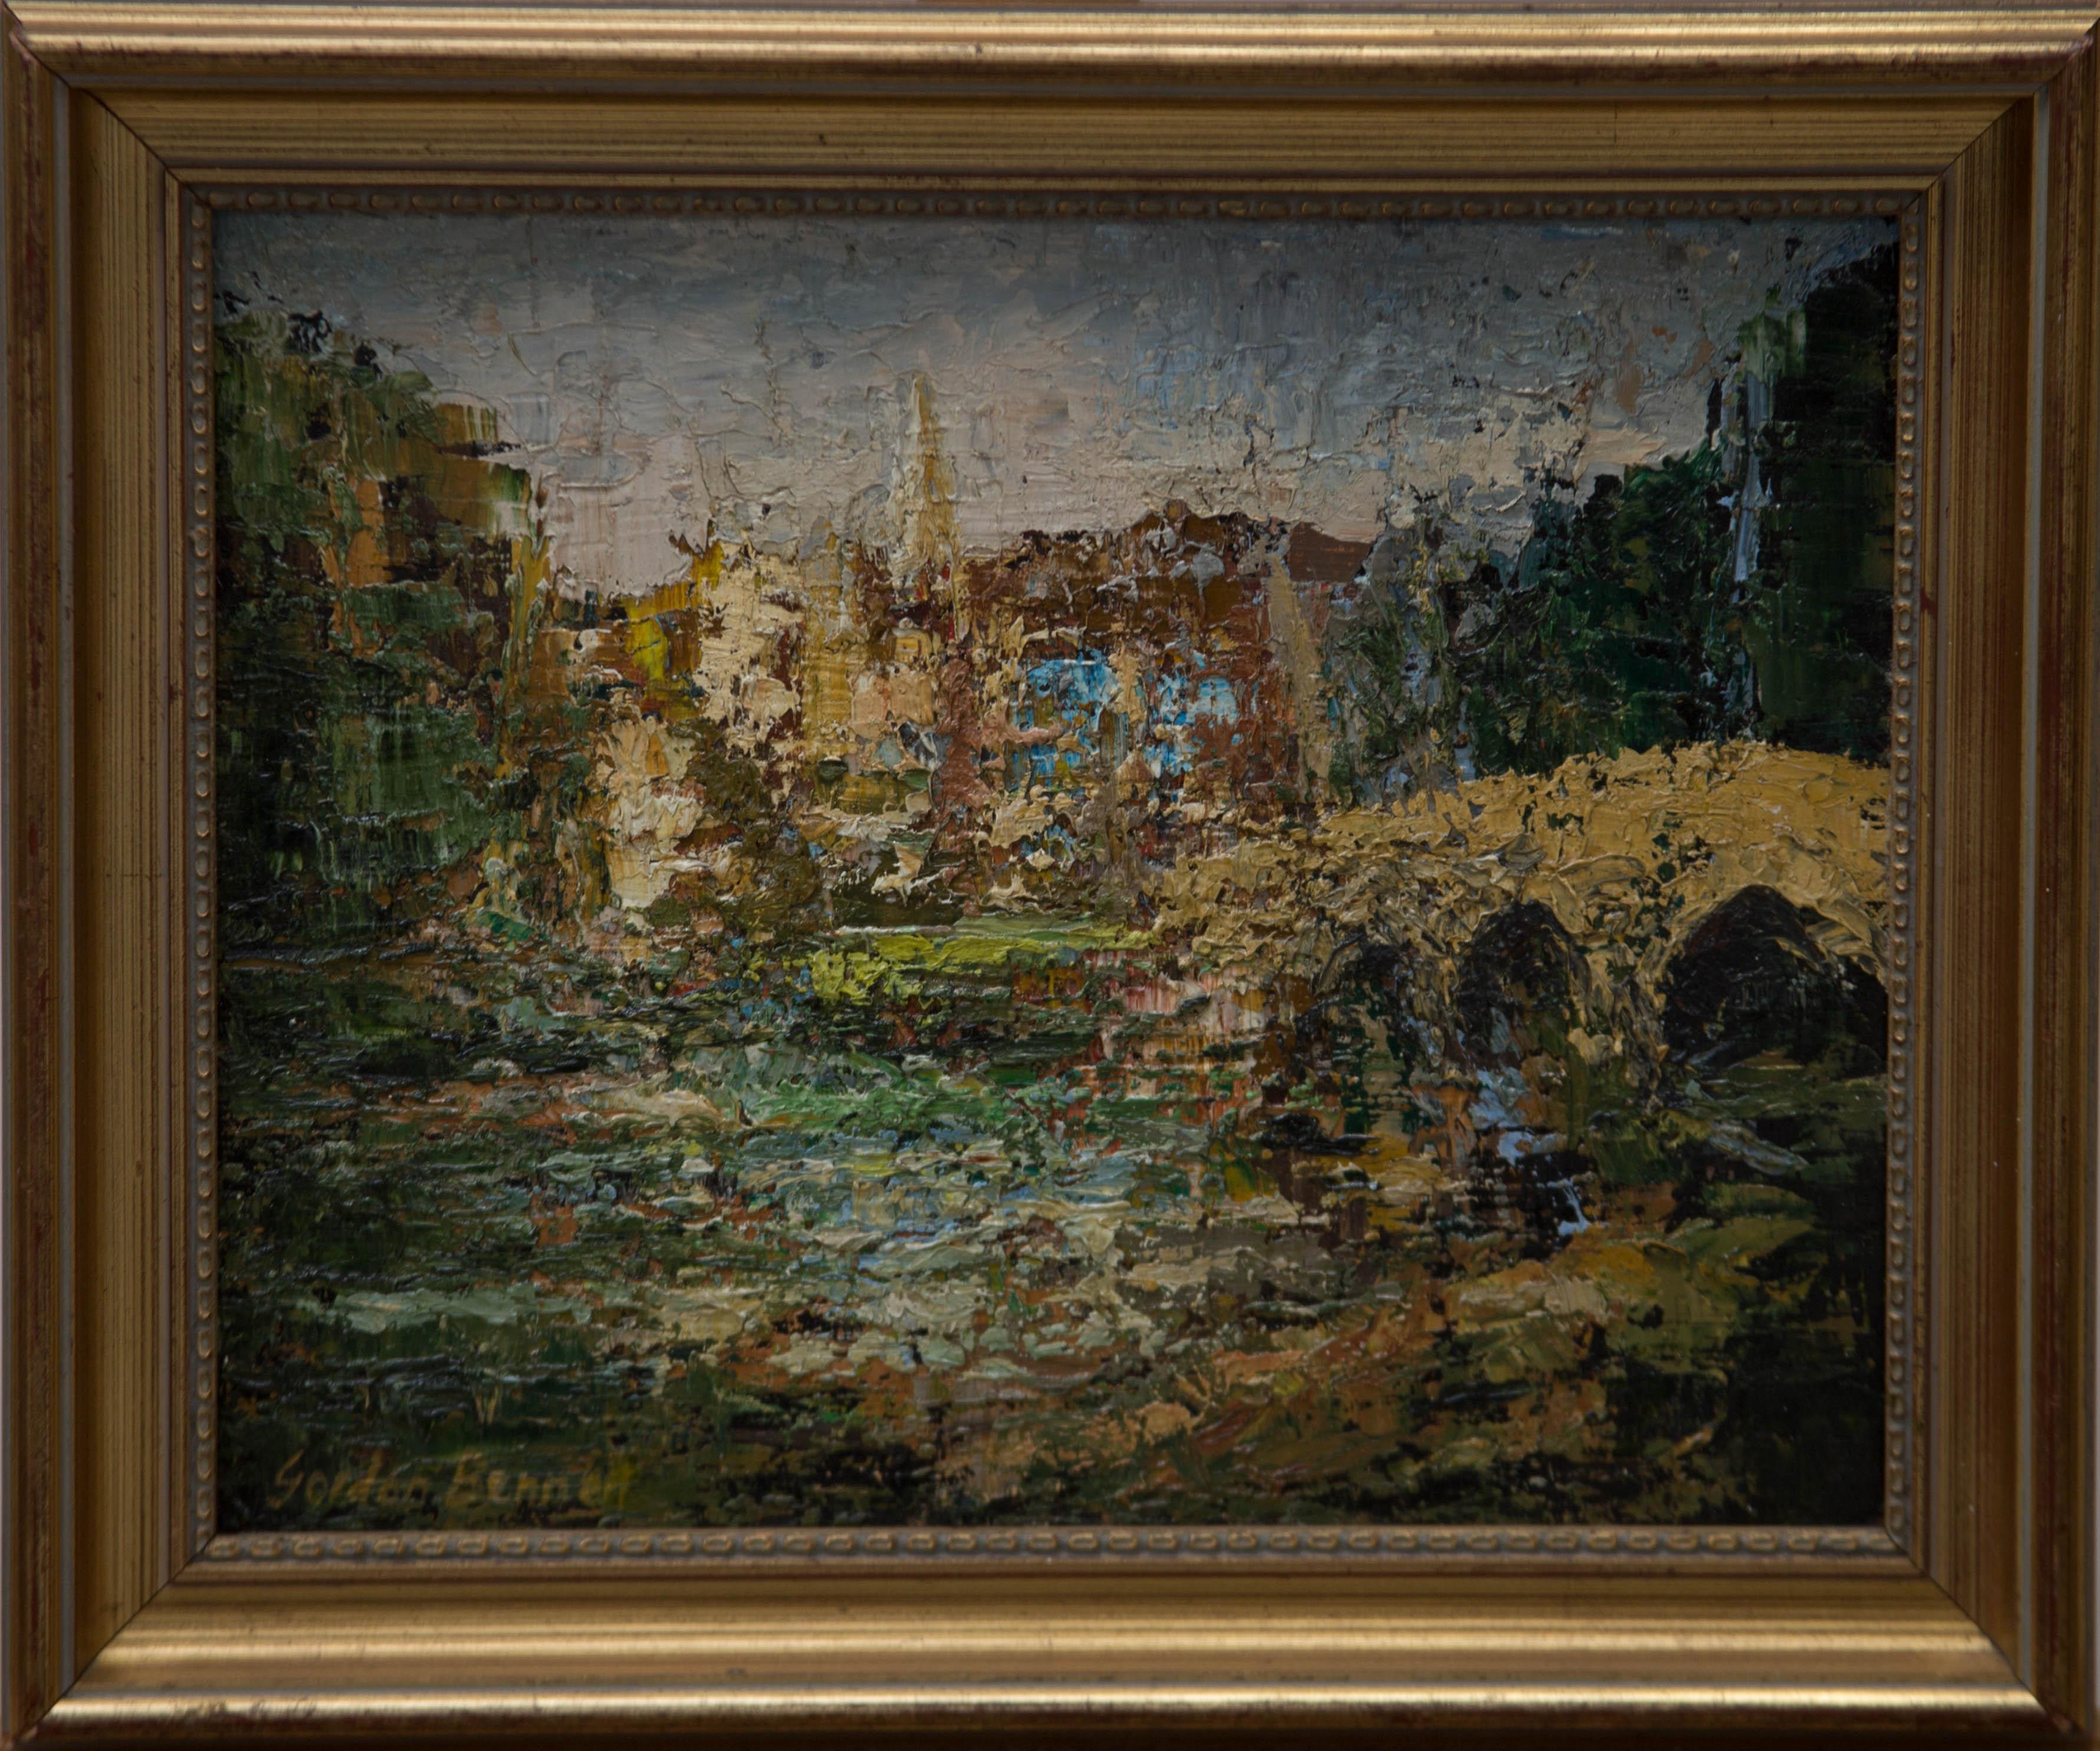 Gordon Bennett - Signed & Framed Mid 20th Century Oil, Bakewell Bridge